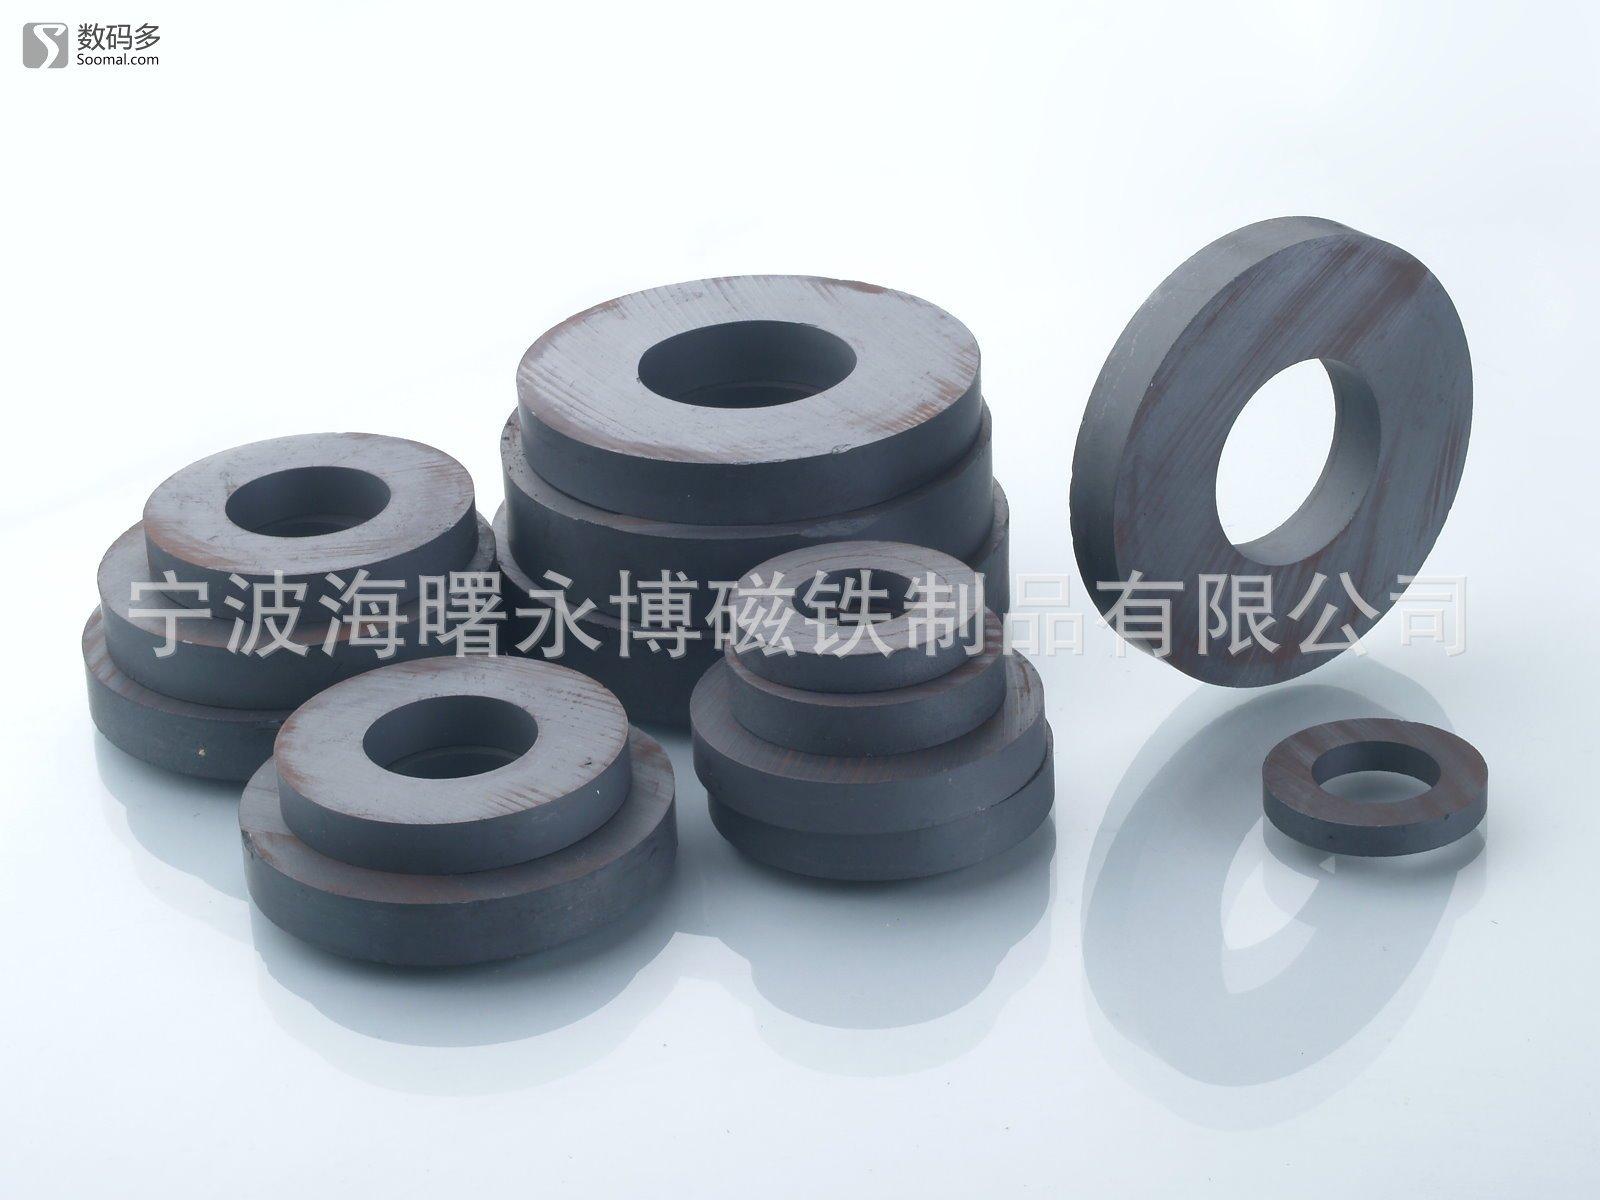 磁铁厂家供应铁氧体 普磁 氧化铁磁铁 32-18*6 弱磁 磁钢